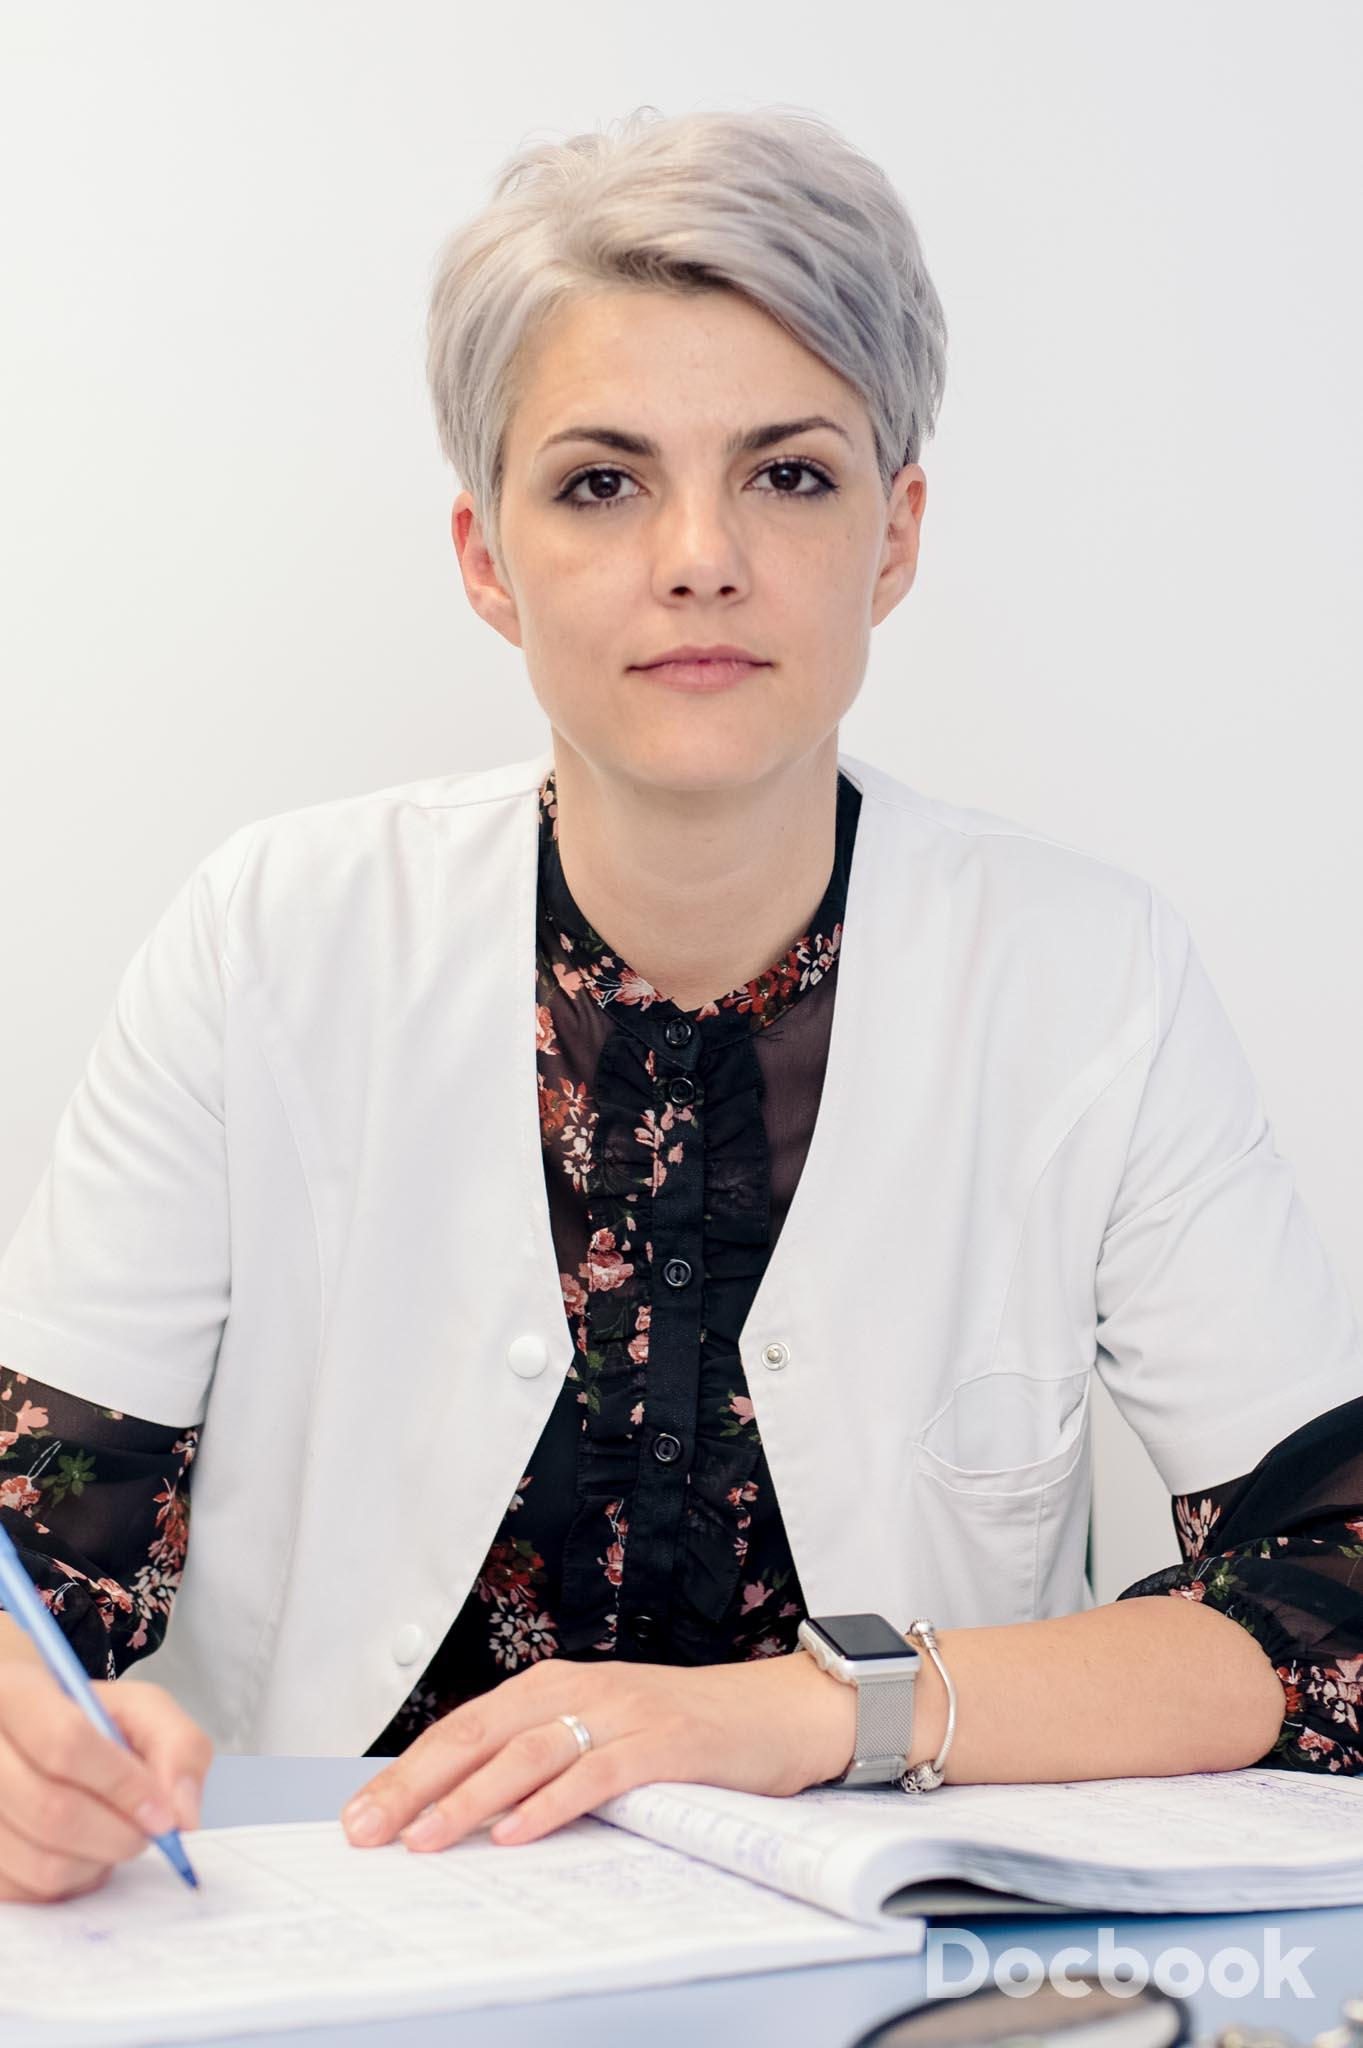 Dr. Andra Podgoreanu